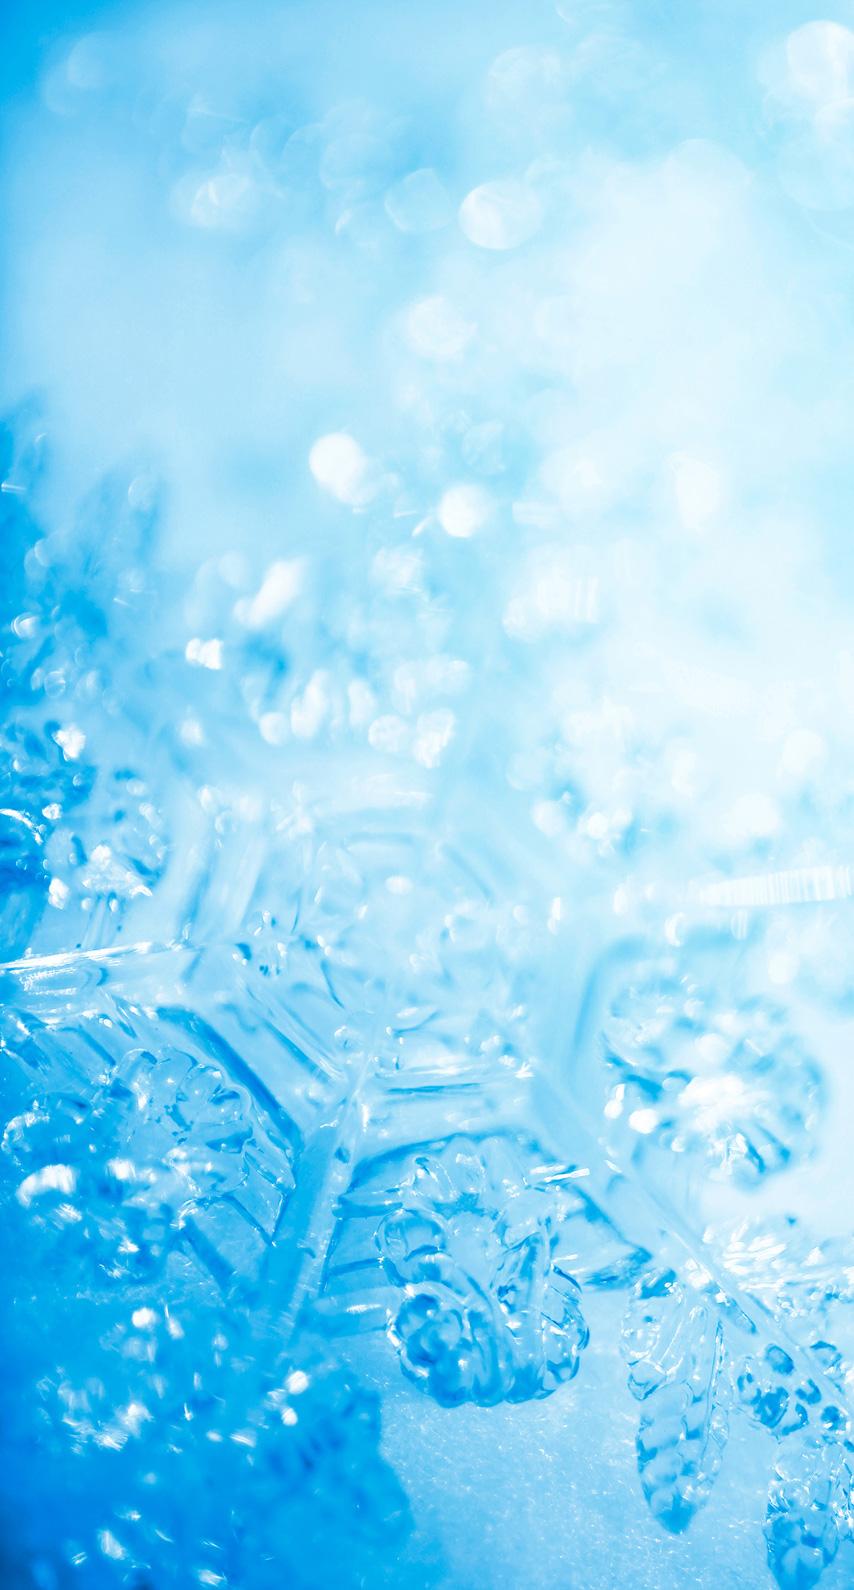 turquoise, snow